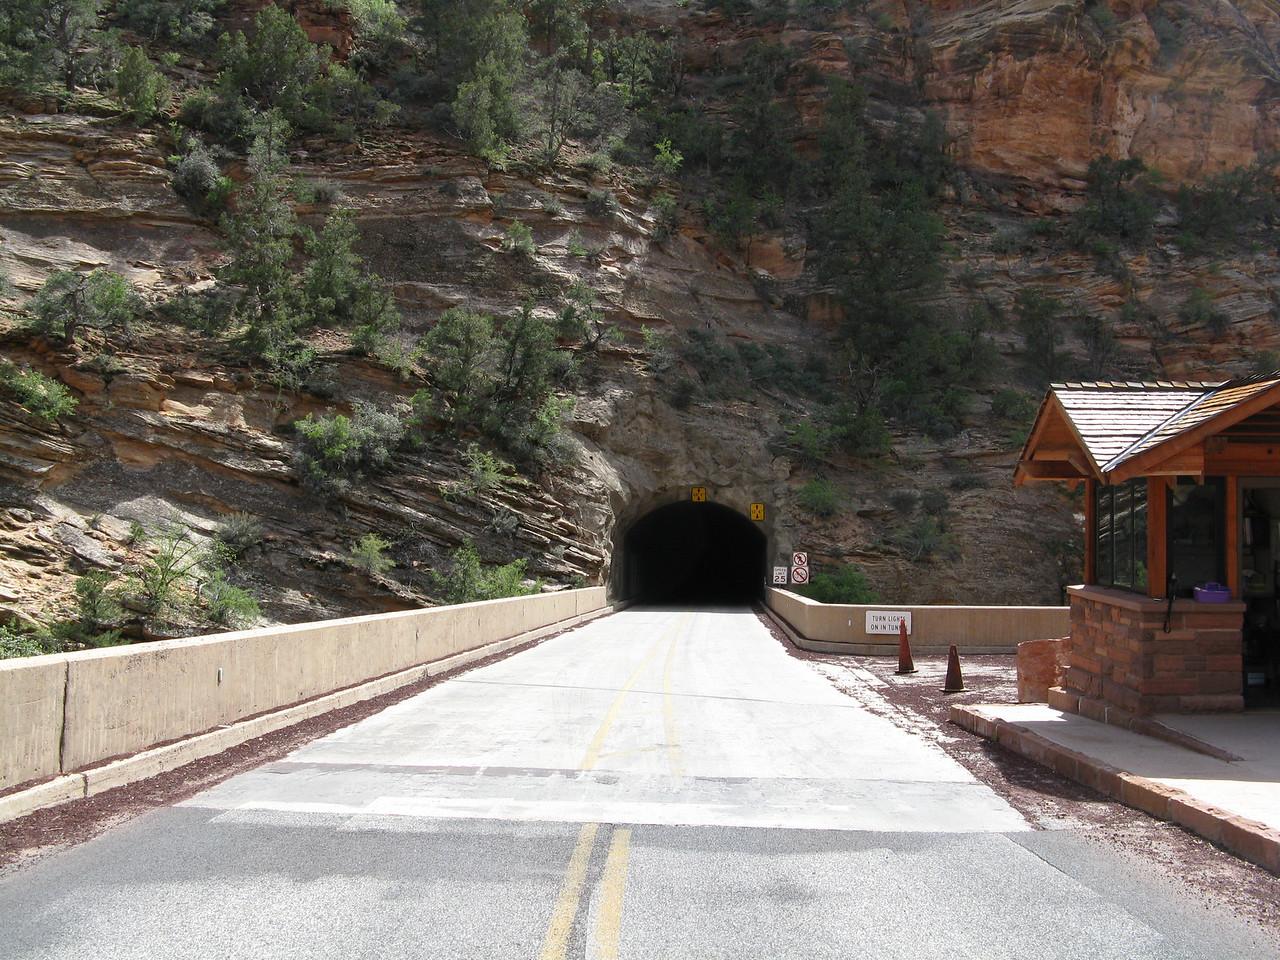 2011-04-21 Canyon Overlook 001